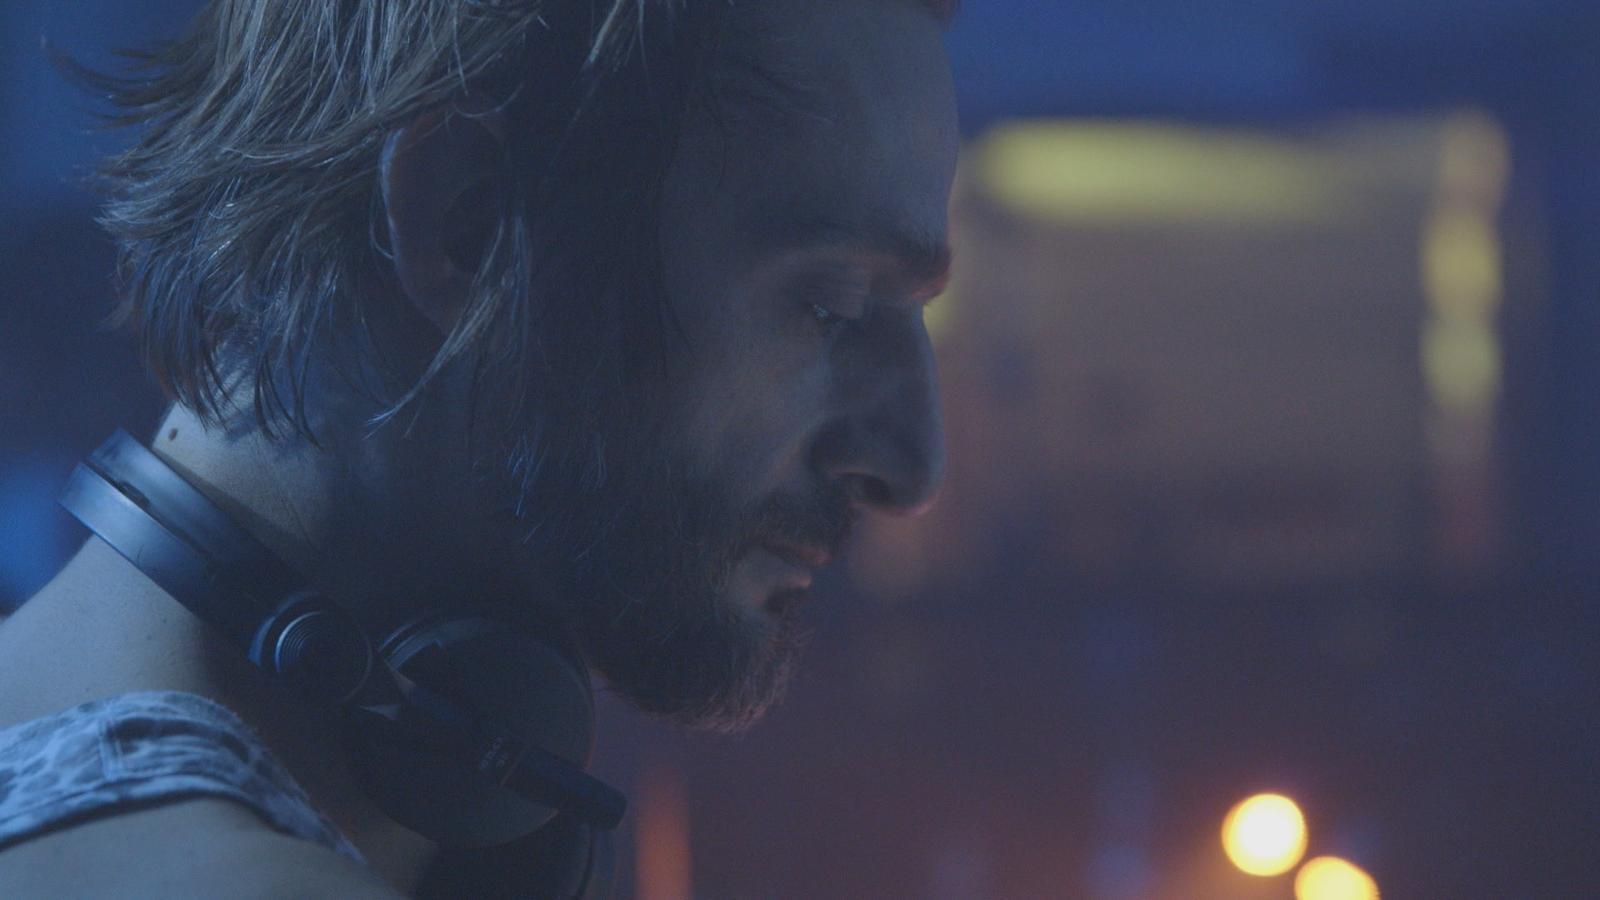 Denk ich an Deutschland in der Nacht - Ricardo Villalobos - lead